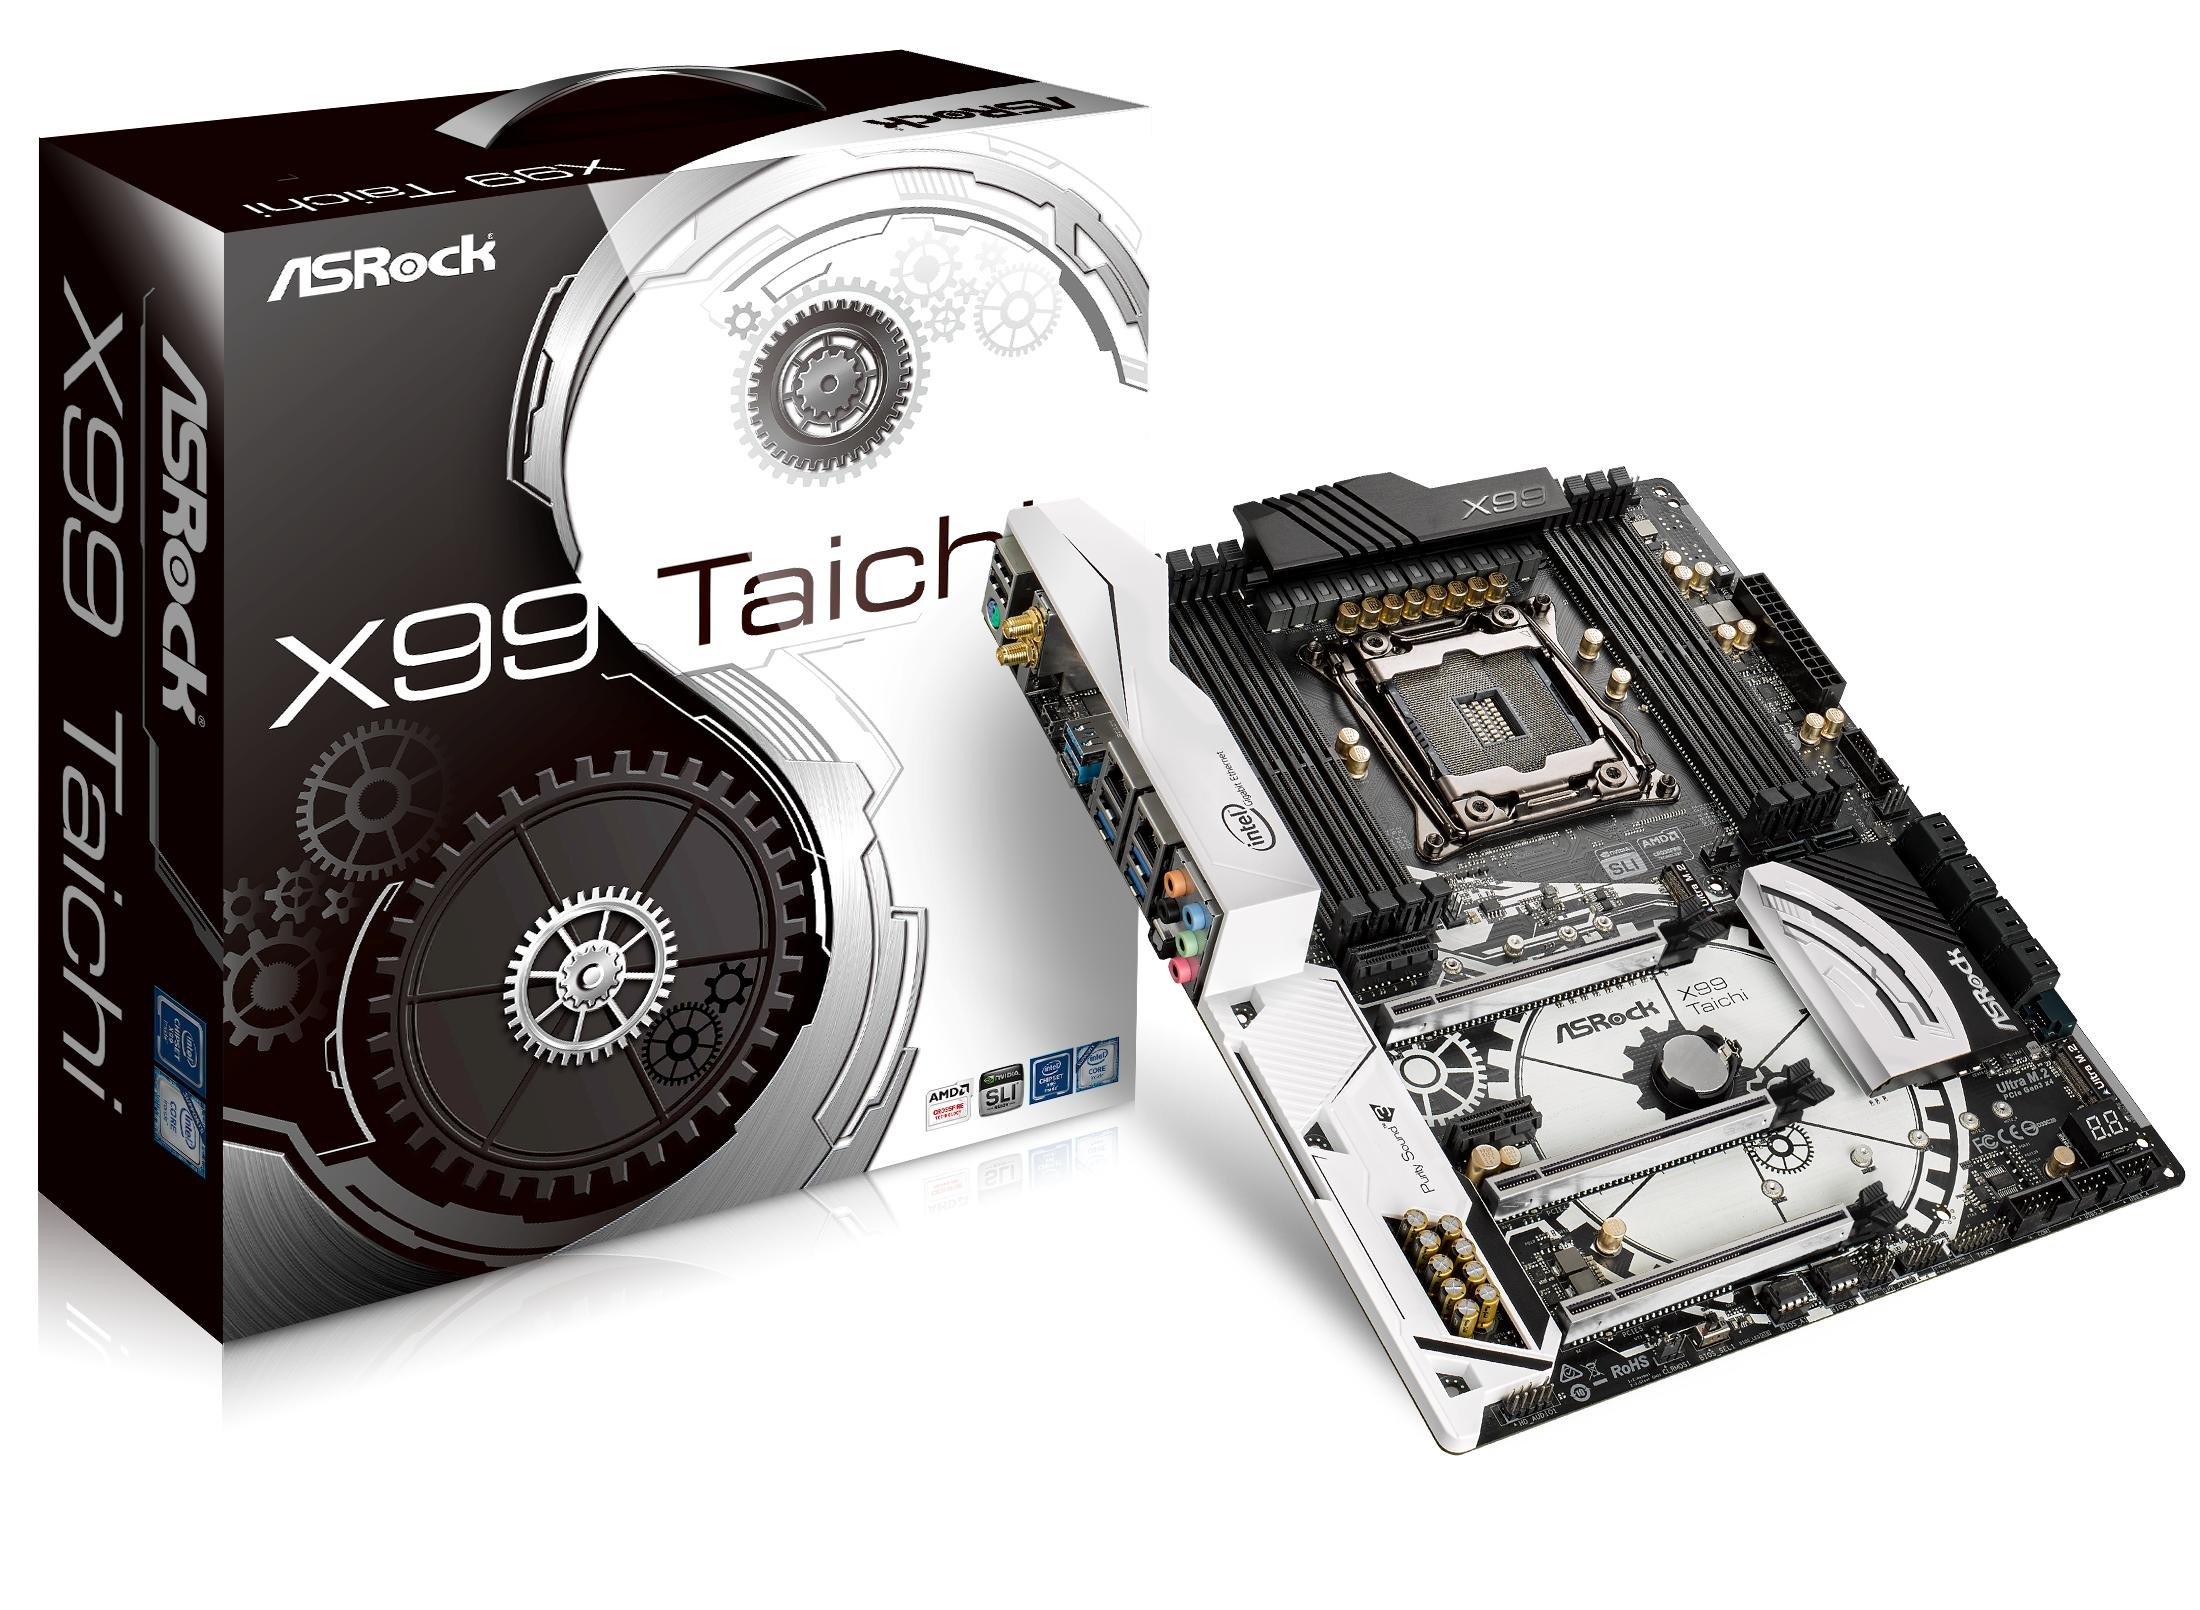 ASRock LGA2011-v3/ Intel X99/ DDR4/SATA3&USB3.1/ Wi-Fi/ATX Motherboard (X99 TAICHI)